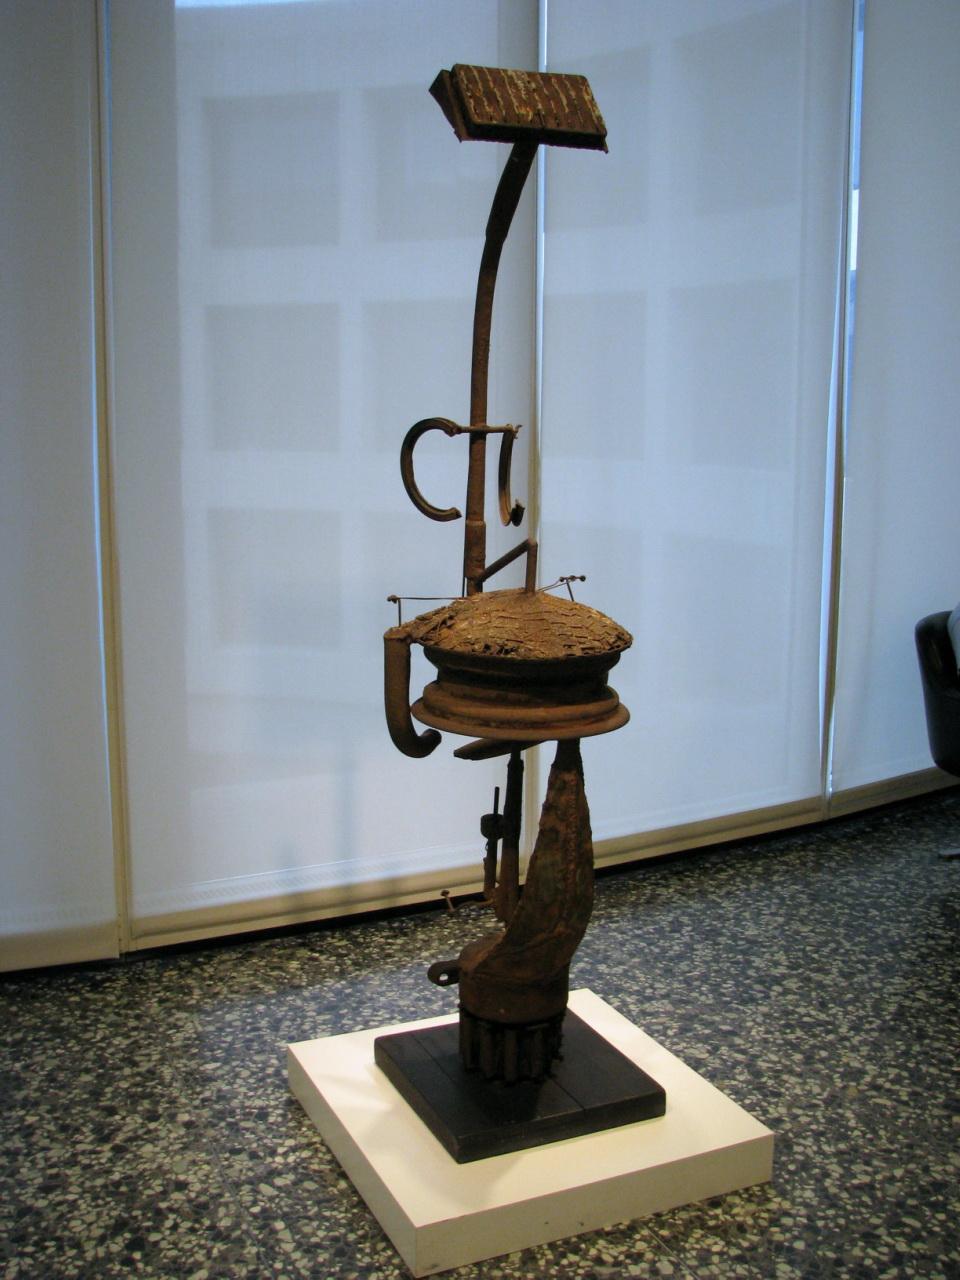 理查德 斯斯坦凯维奇Richard Stankiewicz(美国 1922-1983)雕塑作品集1 - 刘懿工作室 - 刘懿工作室 YI LIU STUDIO